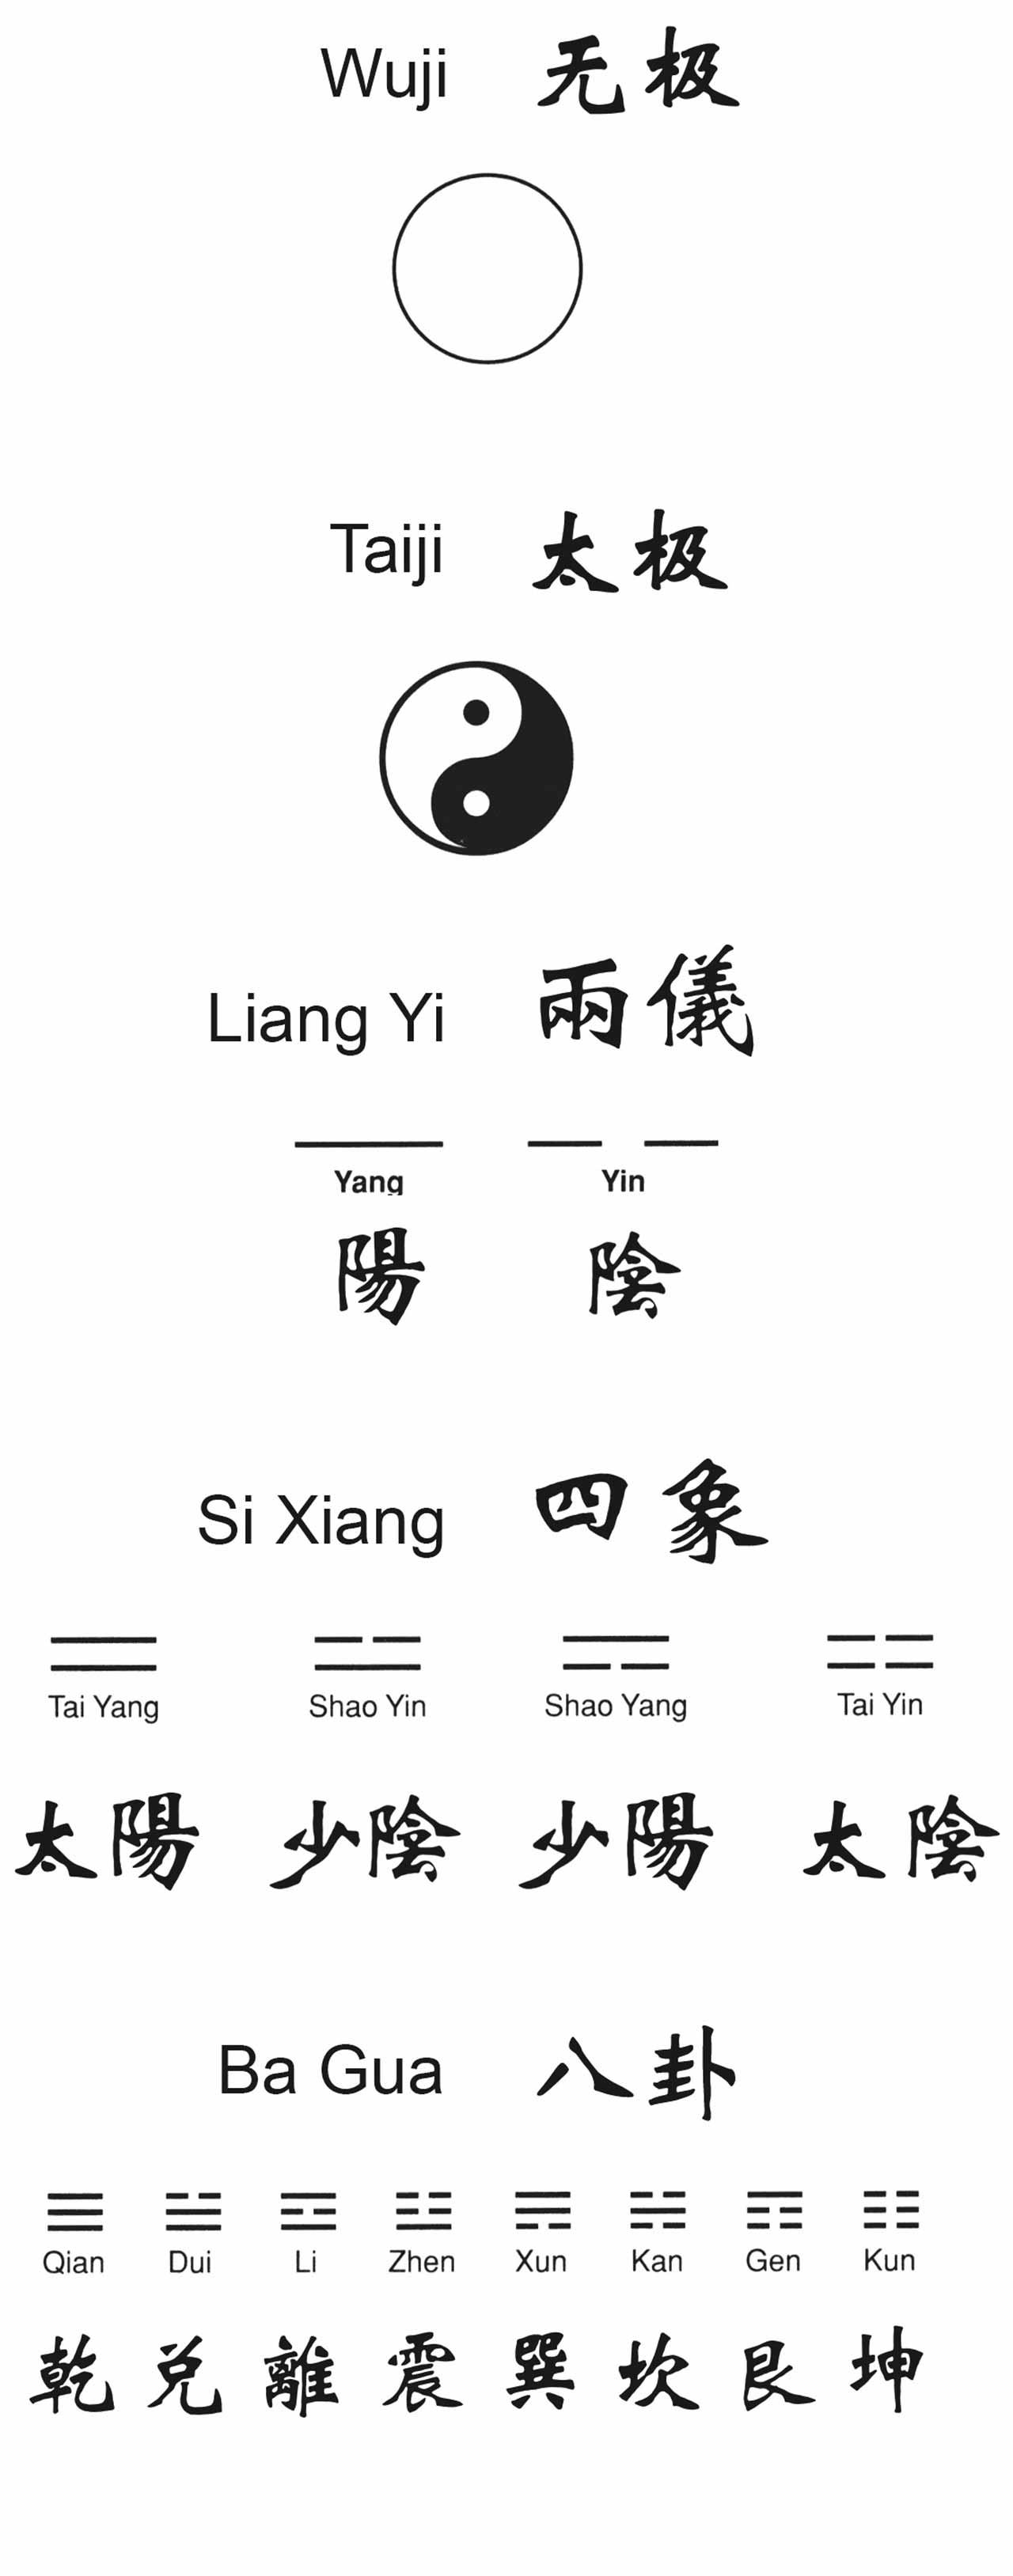 Wuji, Taiji, Duas Aparências, Quatro Imagens, Oito Trigramas